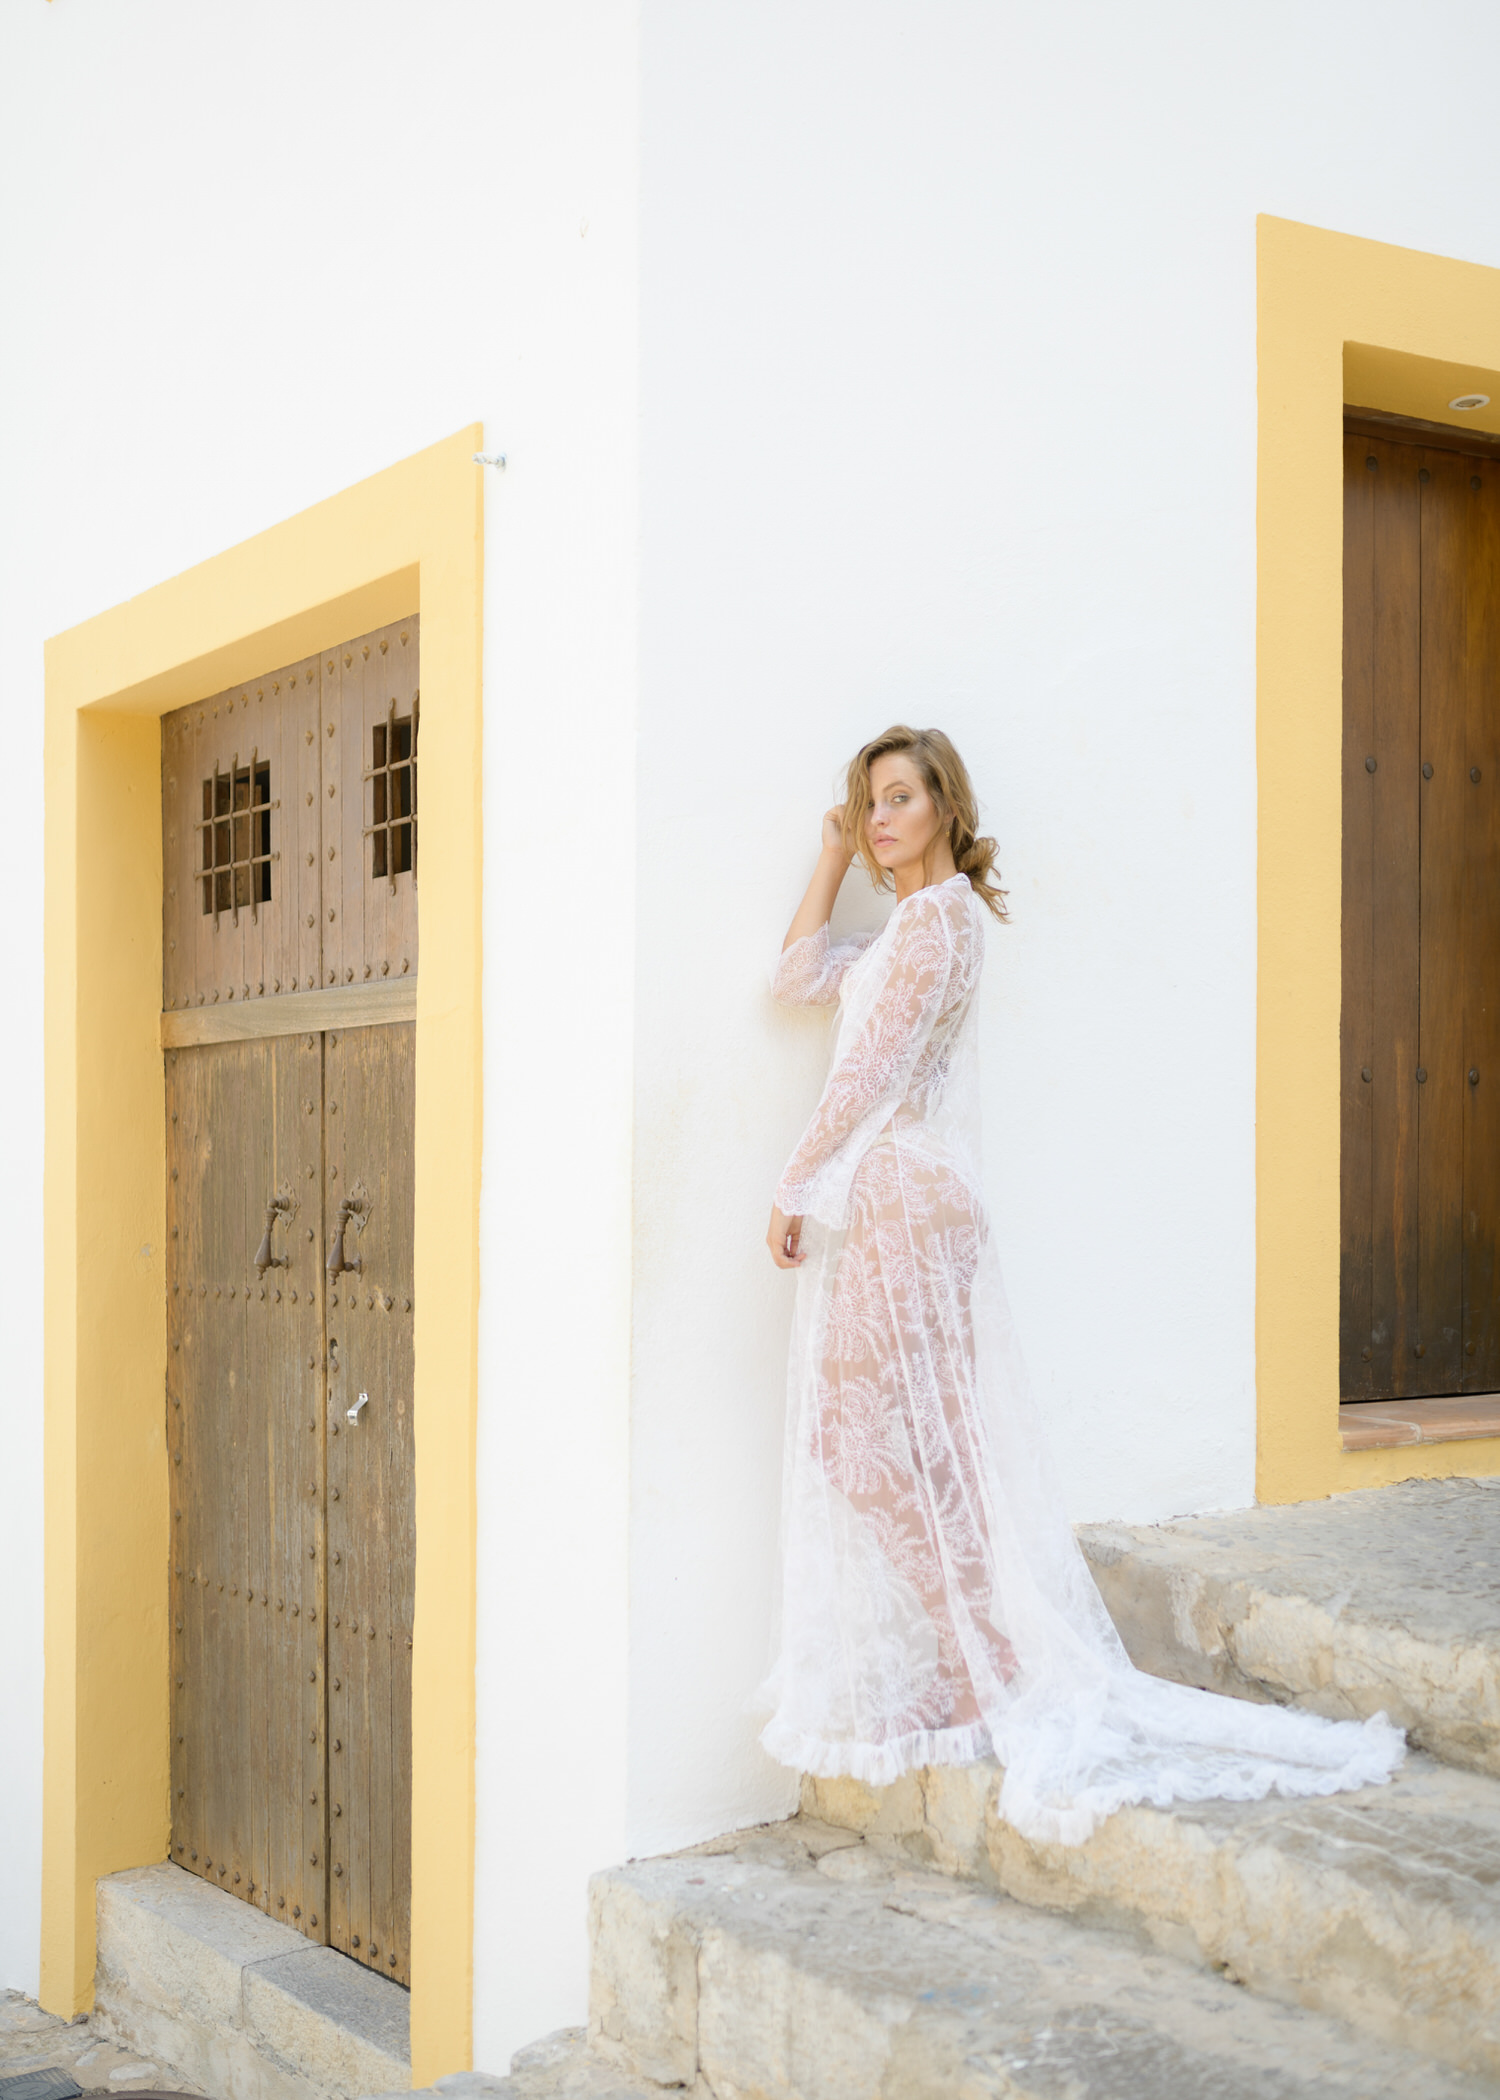 ©BOTTEGA53 - Ibiza Editorial-9.jpg